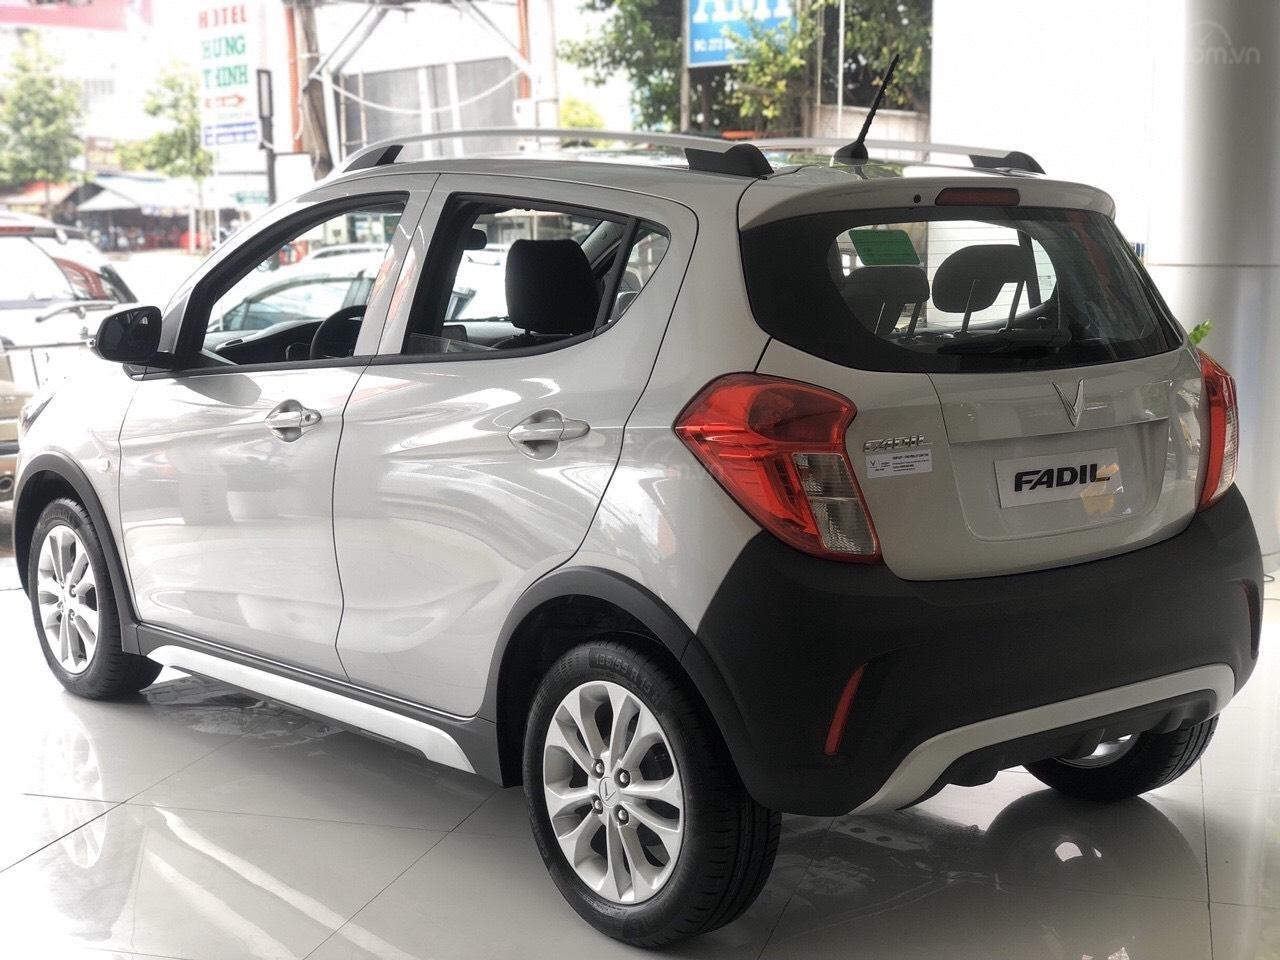 Hot hot ưu đãi xe VinFast Fadil đời 2019, tại Kiên Giang, khu vực miền Tây (6)